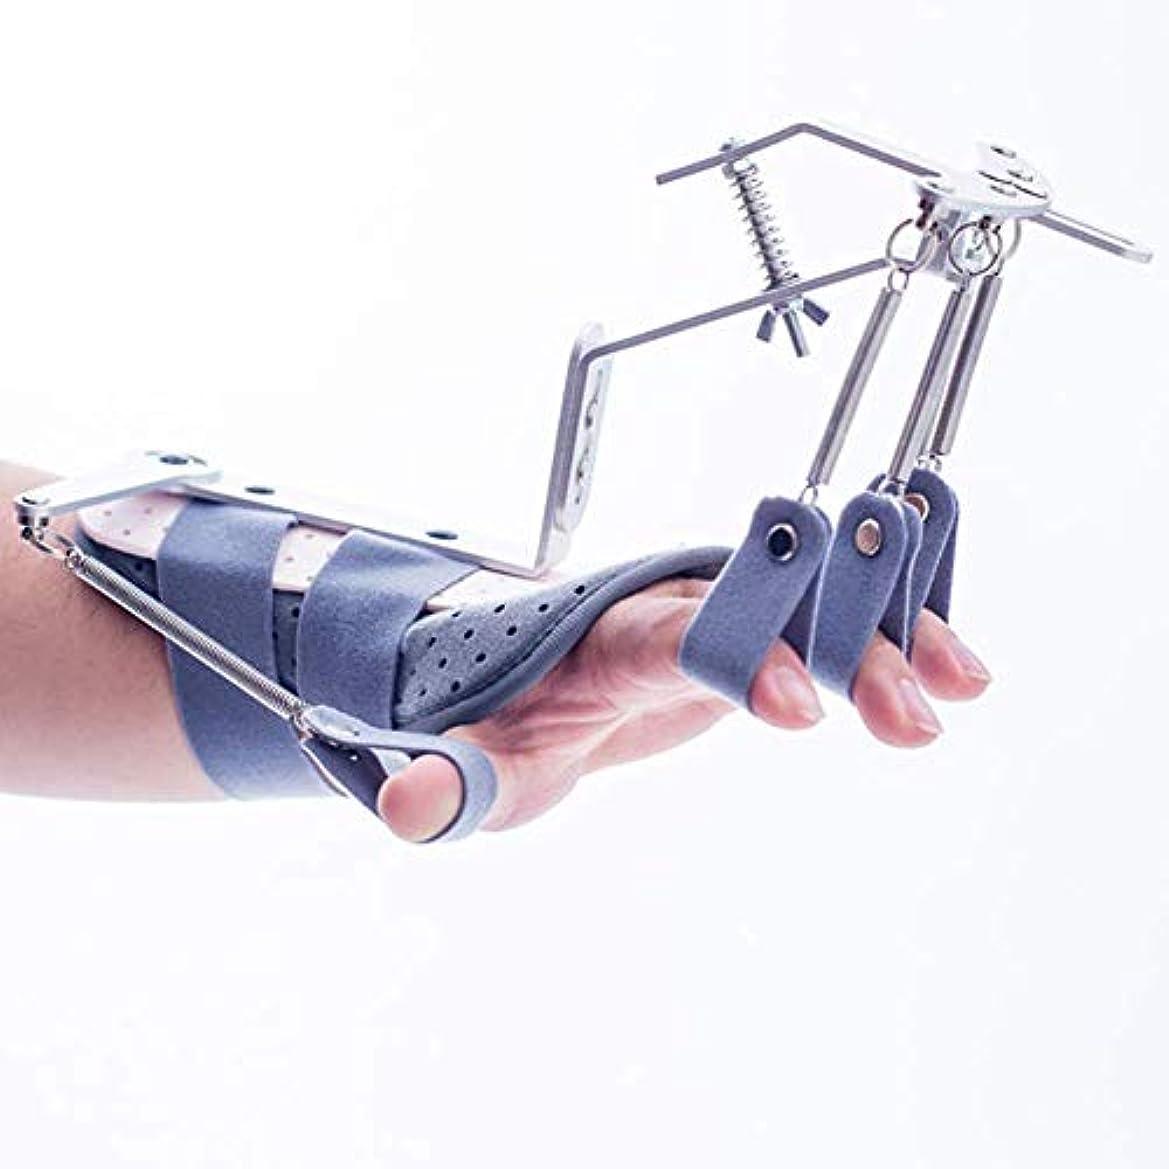 やさしくスライスレンダー指の損傷のサポート、指の副木サポート、手首、手首の親指装具サポート、リハビリテーショントレーニング